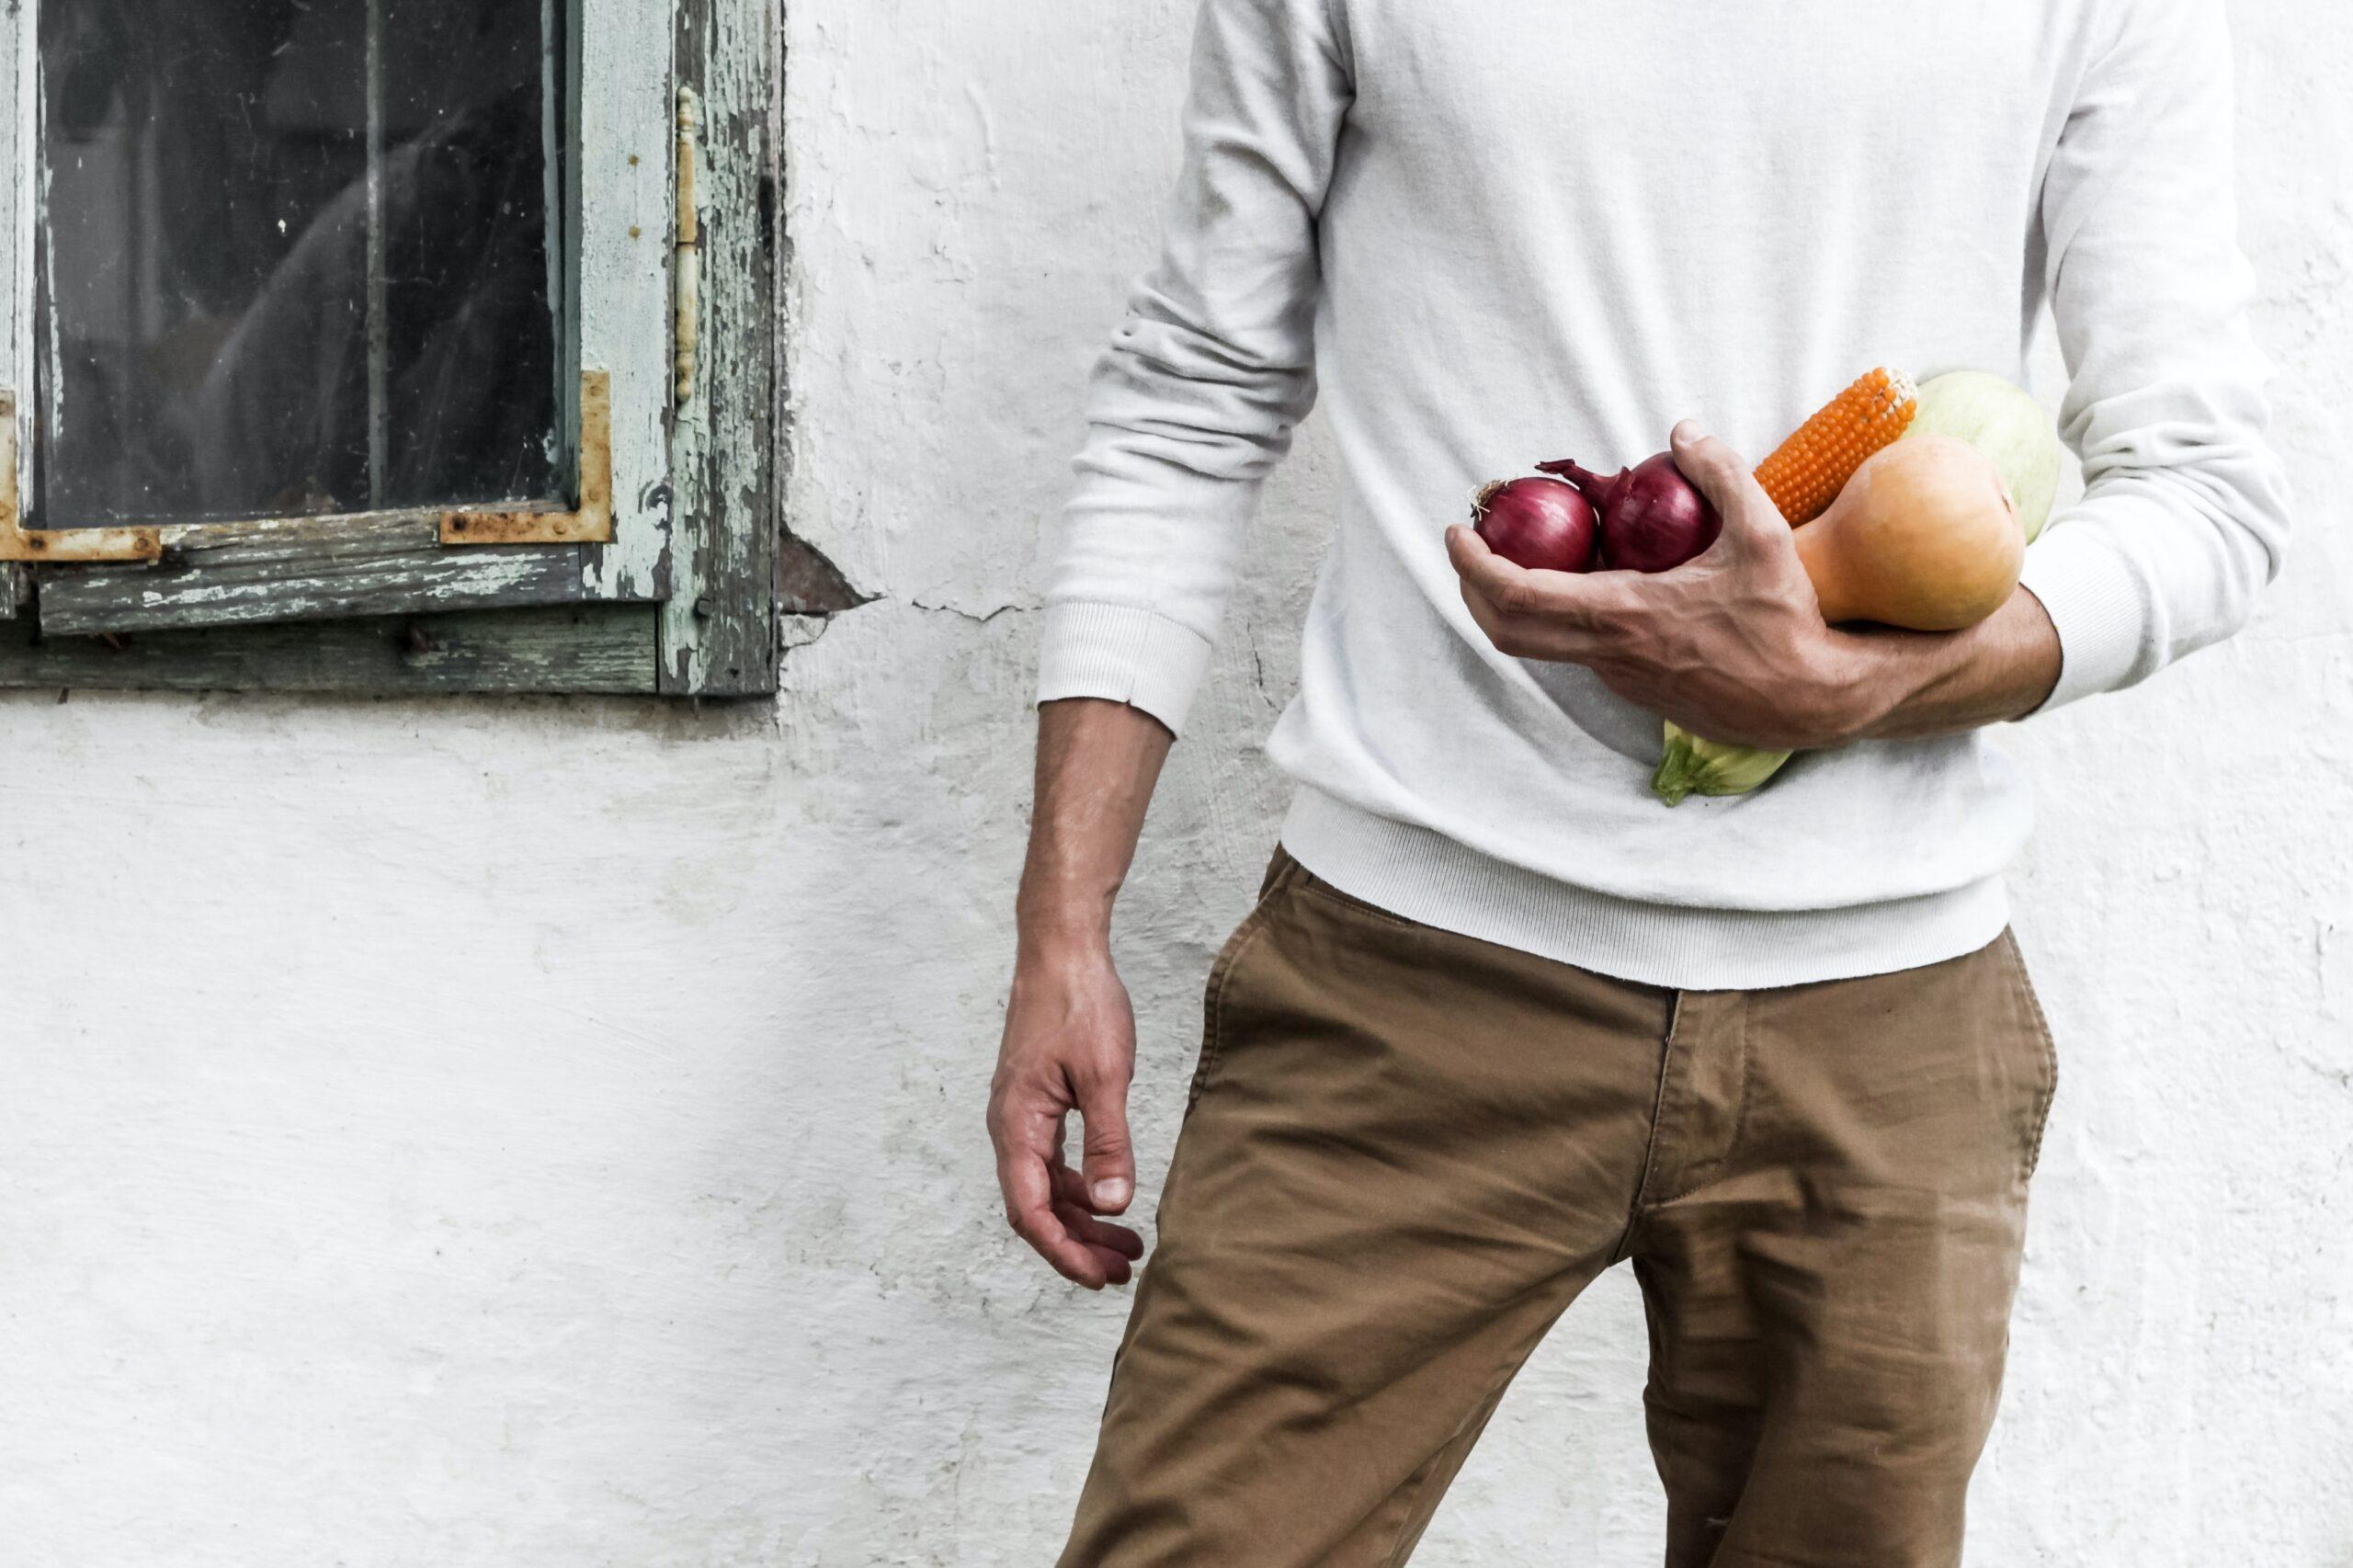 男性必見!糖質制限のメリットやデメリット、実践する場合の注意点などを解説